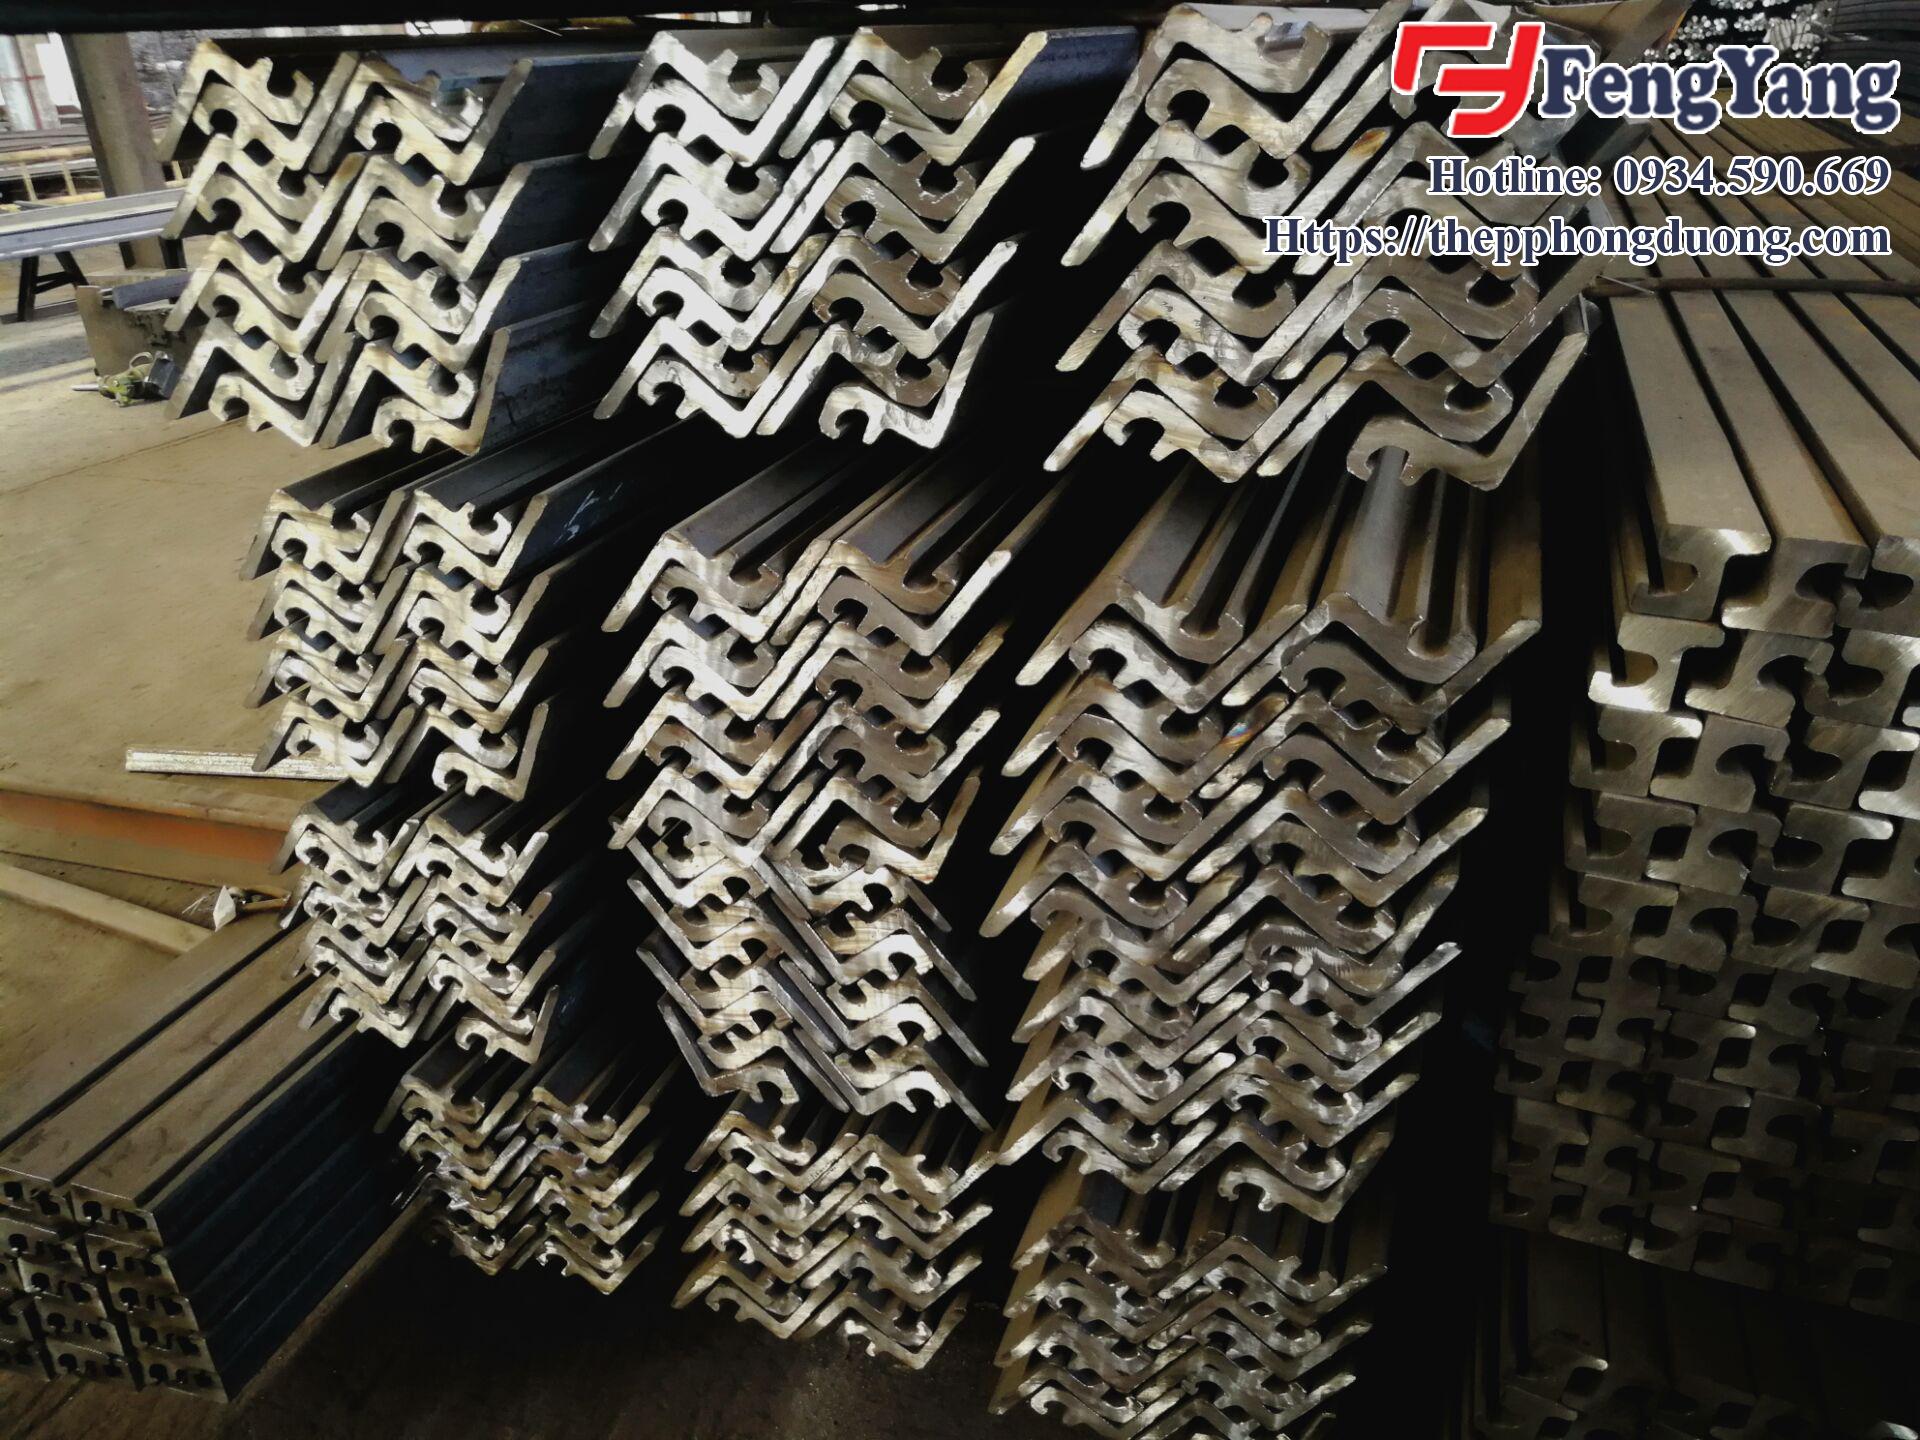 Sản phẩm thép hình làm khe co giãn do Thép Phong Dương sản xuất